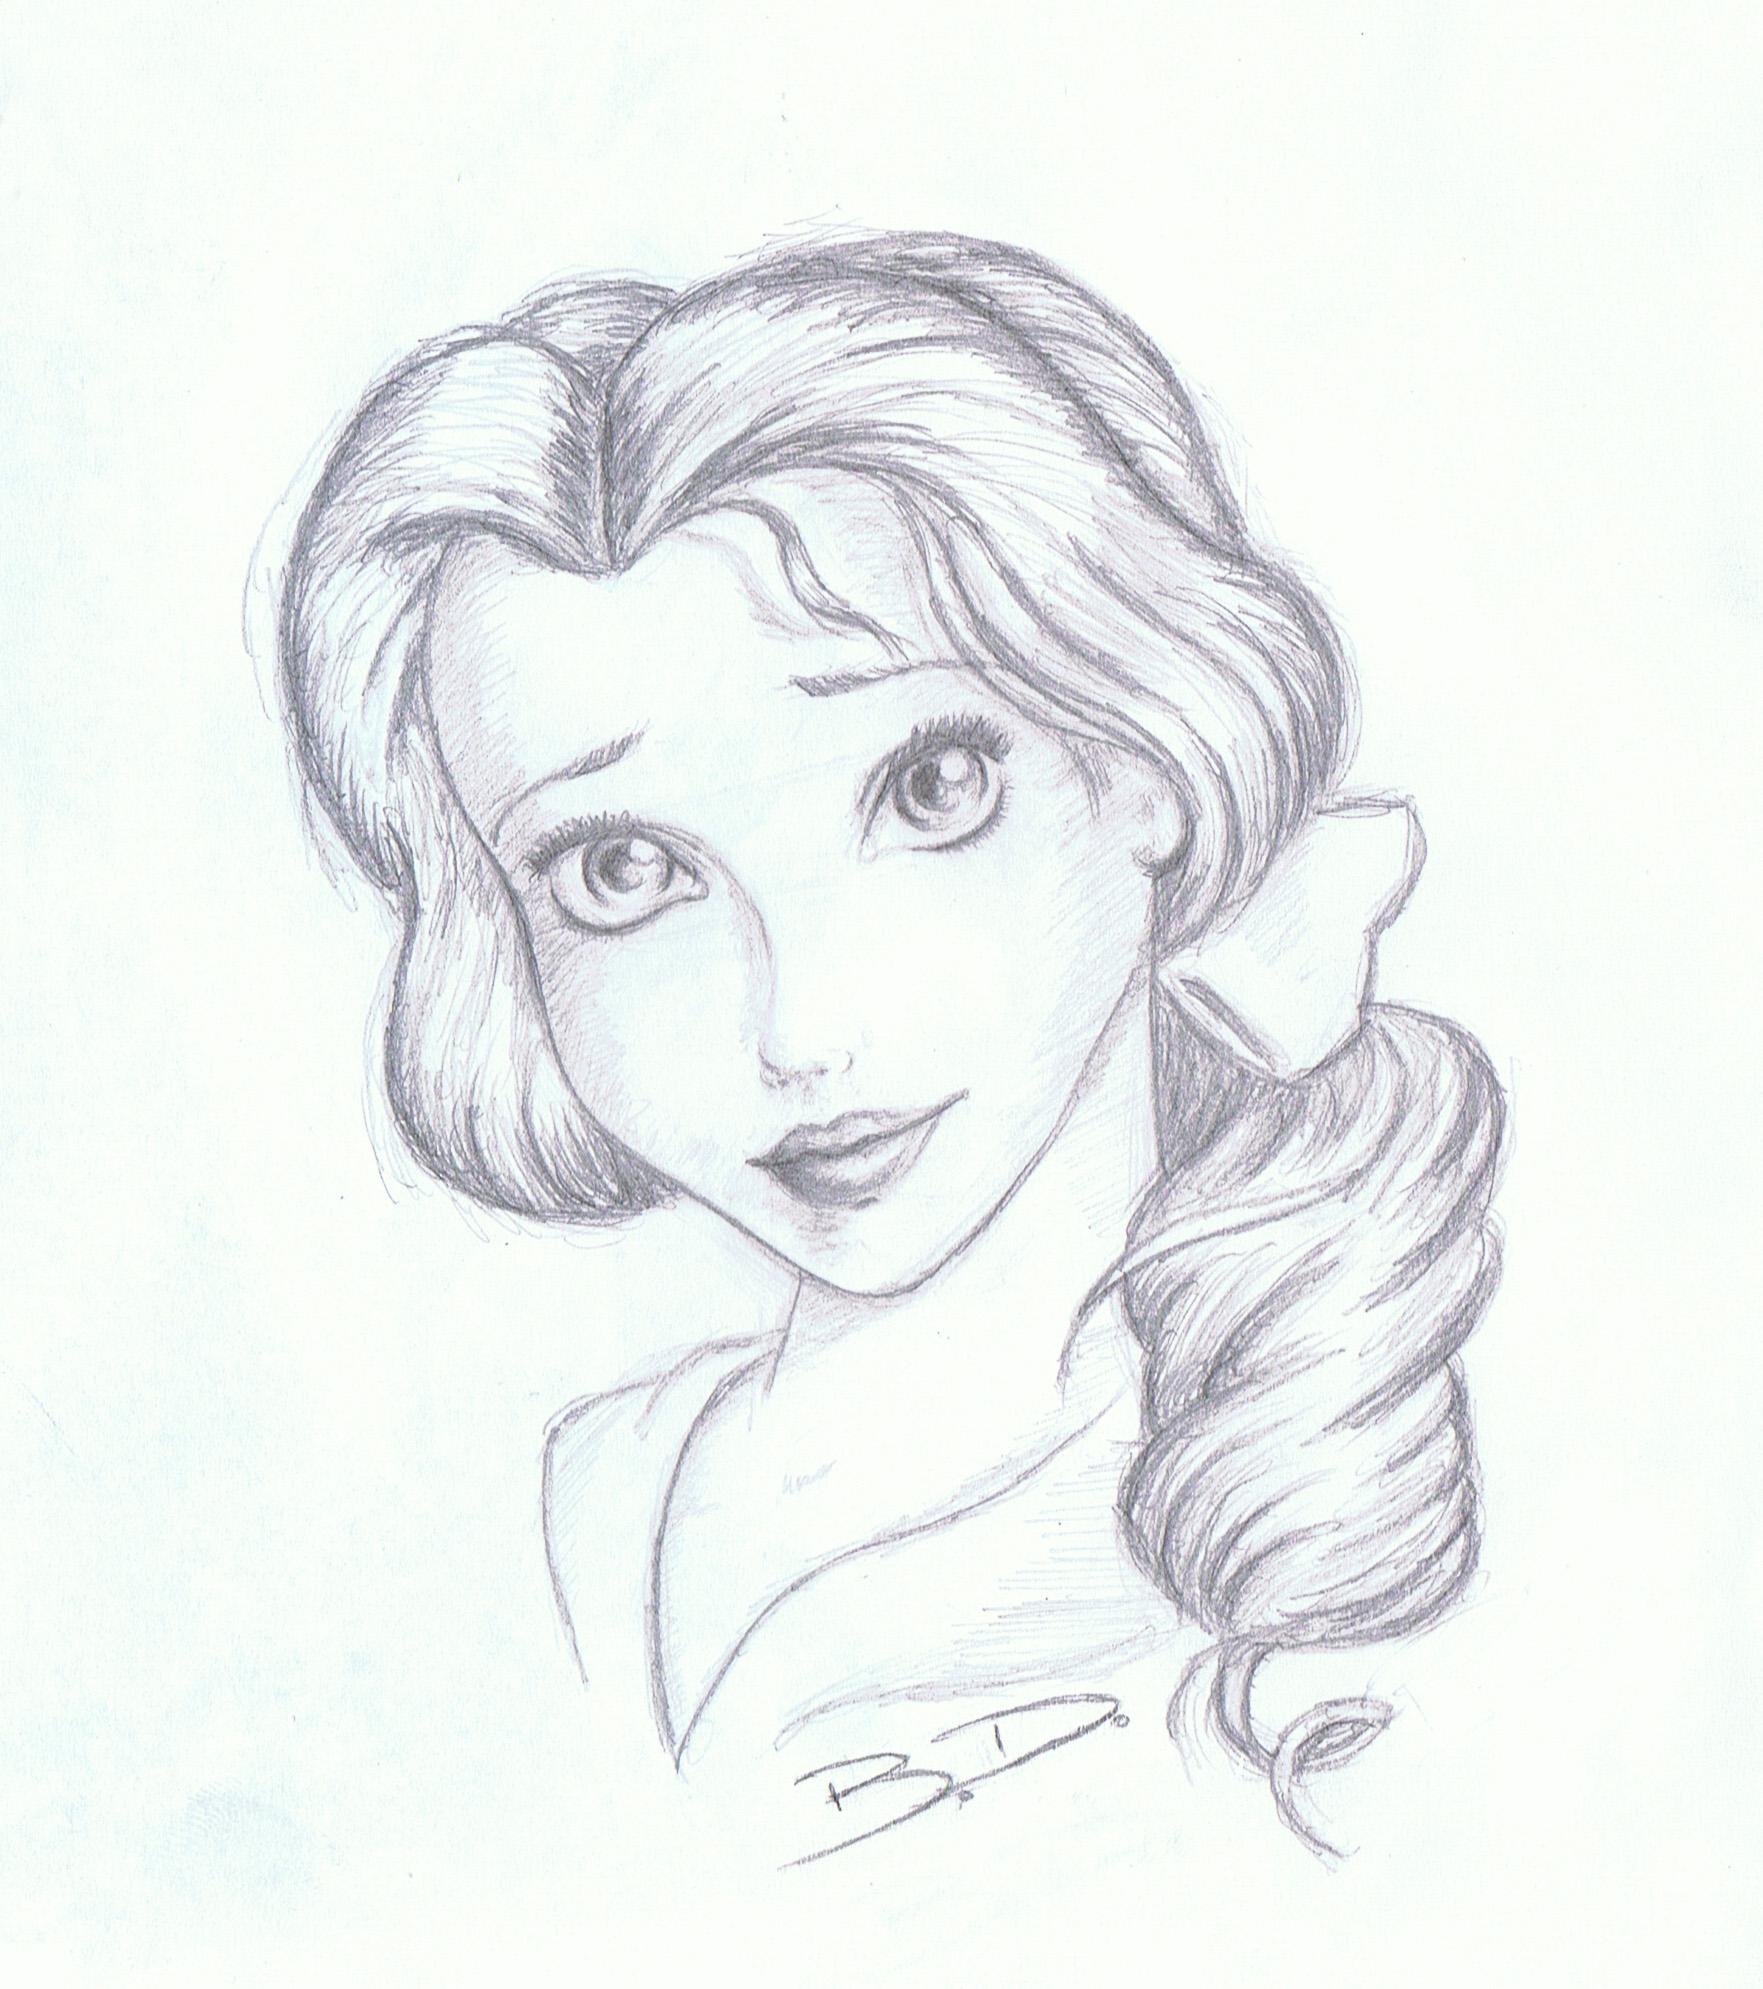 Belle final immagini e disegni 2d il for Immagini da disegnare a matita facili